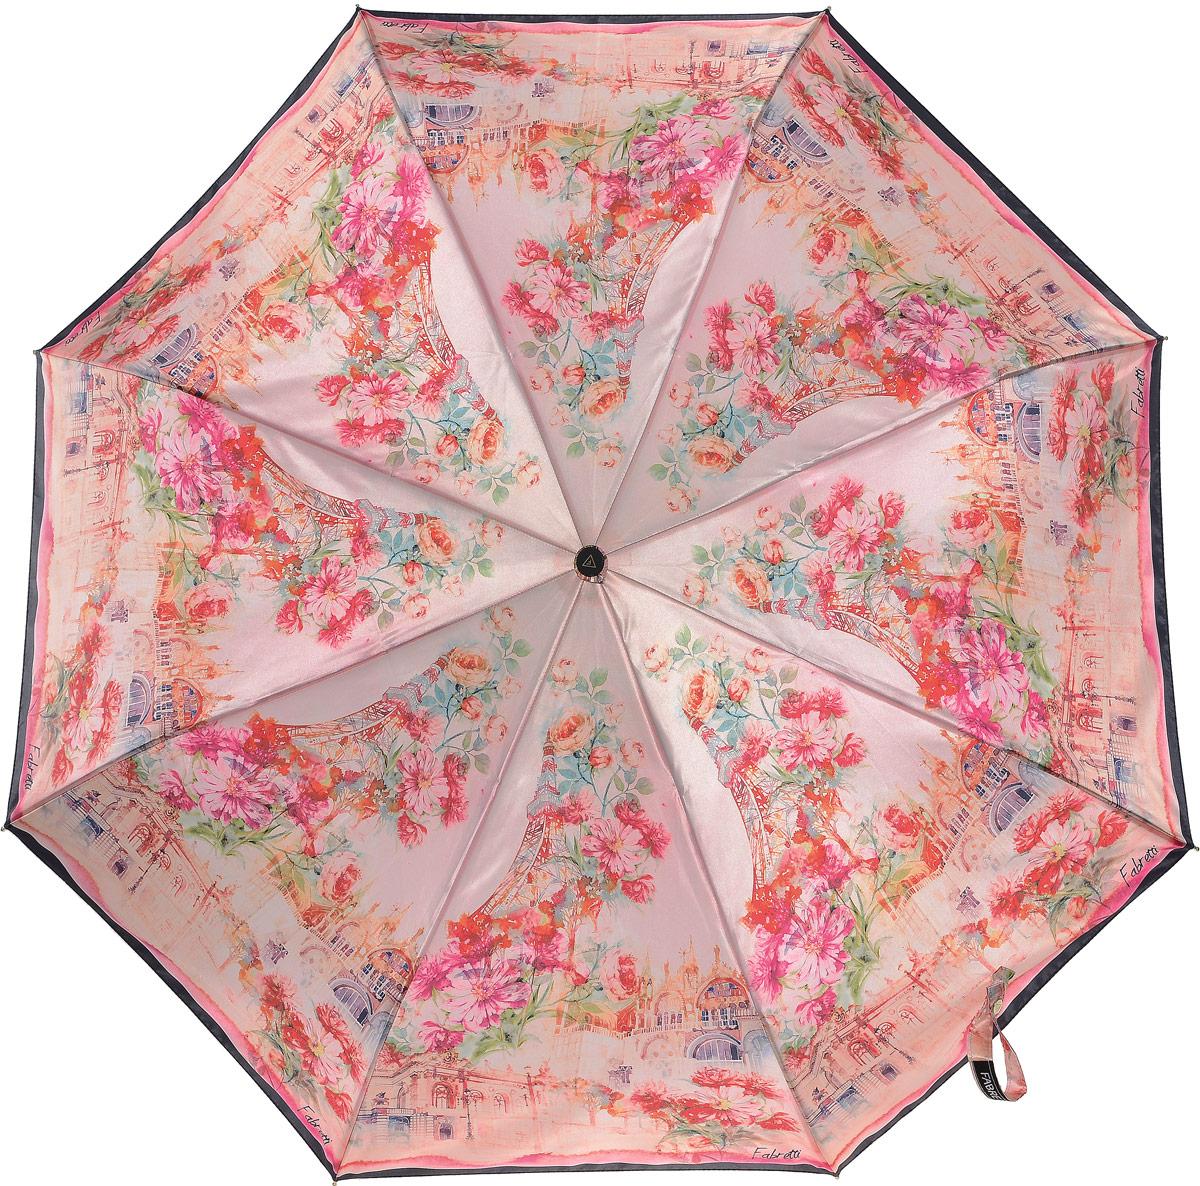 Зонт женский Fabretti, цвет: светло-розовый, мультиколор. S-17101-3Колье (короткие одноярусные бусы)Классический женский зонт от итальянского бренда Fabretti. Женственный розовый оттенок и дизайнерский принт, сочетающий в себе цветочный рисунок и городскую архитектуру с легкостью подчеркнут ваш вкус и сделают вас неотразимой в любую непогоду! Значительным преимуществом данной модели является система антиветер, которая позволяет выдержать сильные порывы ветра. Материал купола – полиэстер. Он невероятно изящен, приятен на ощупь, обладает высокой прочностью, а также устойчив к выцветанию. Эргономичная ручка сделана из высококачественного пластика-полиуретана с противоскользящей обработкой.